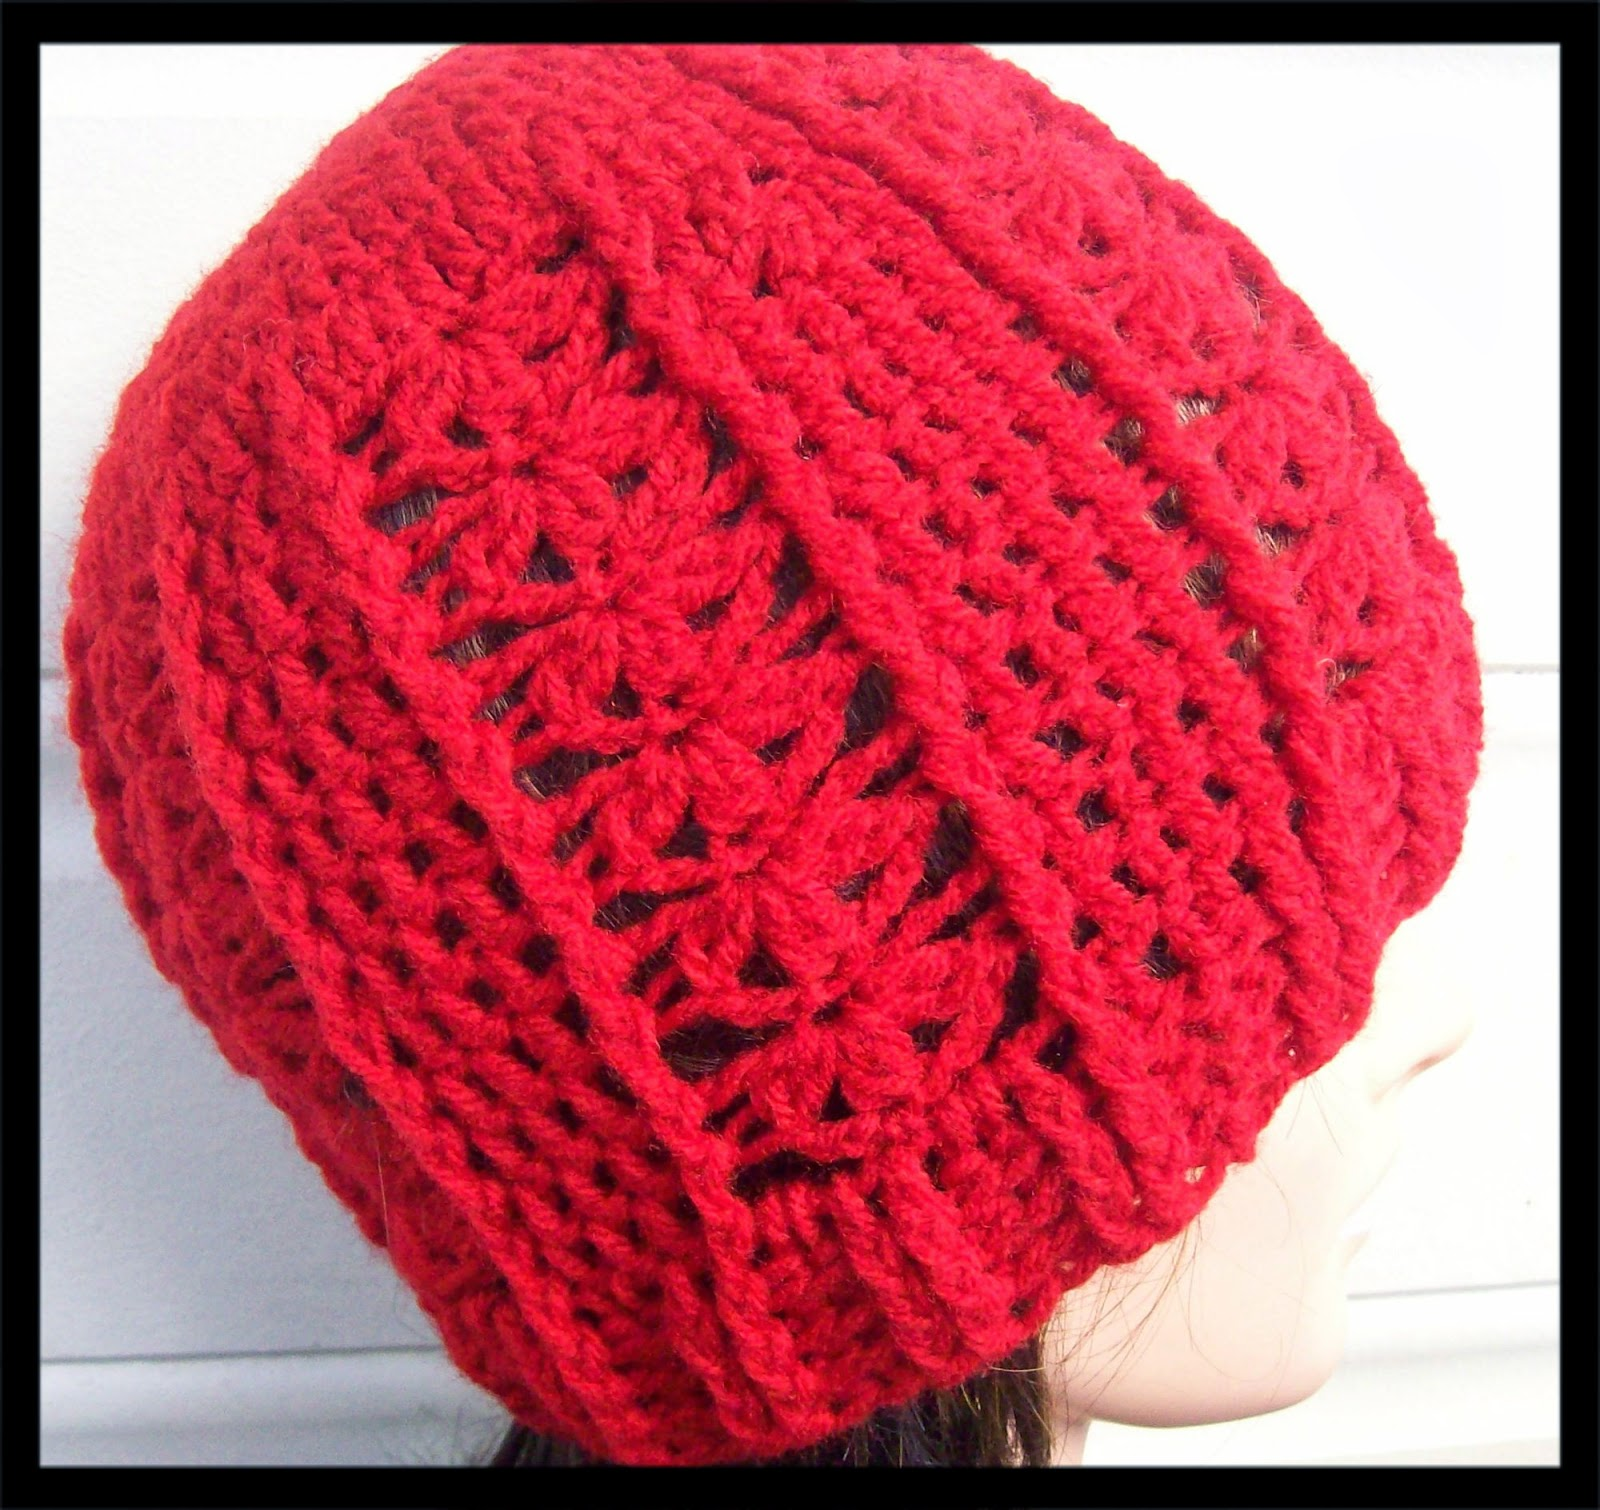 Free Crochet Beanie Pattern For Adults : Free Crochet Patterns By Cats-Rockin-Crochet